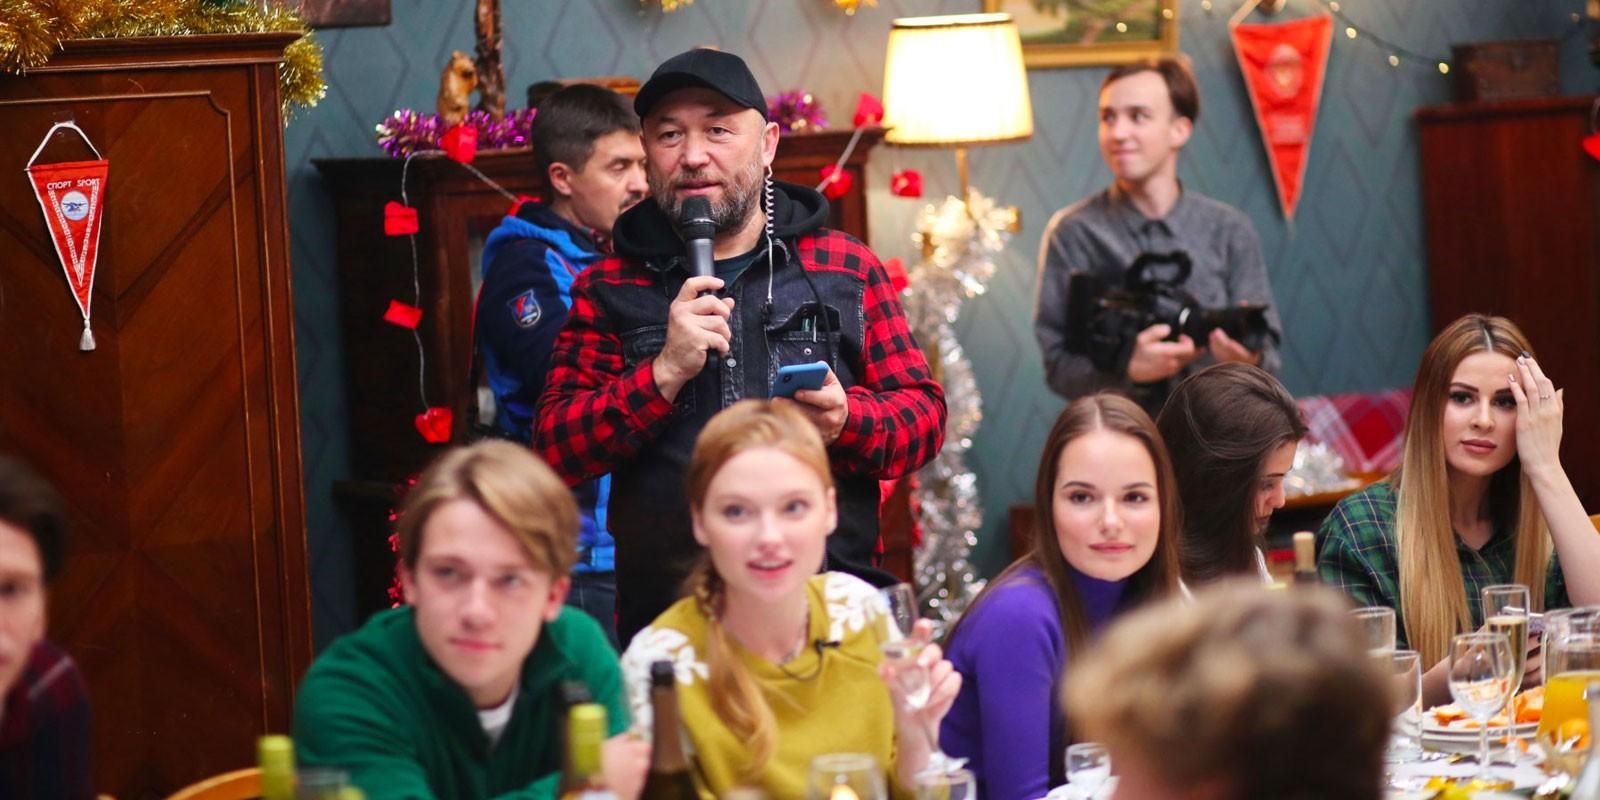 Тимур Бекмамбетов на съёмках Ёлки последние 2018